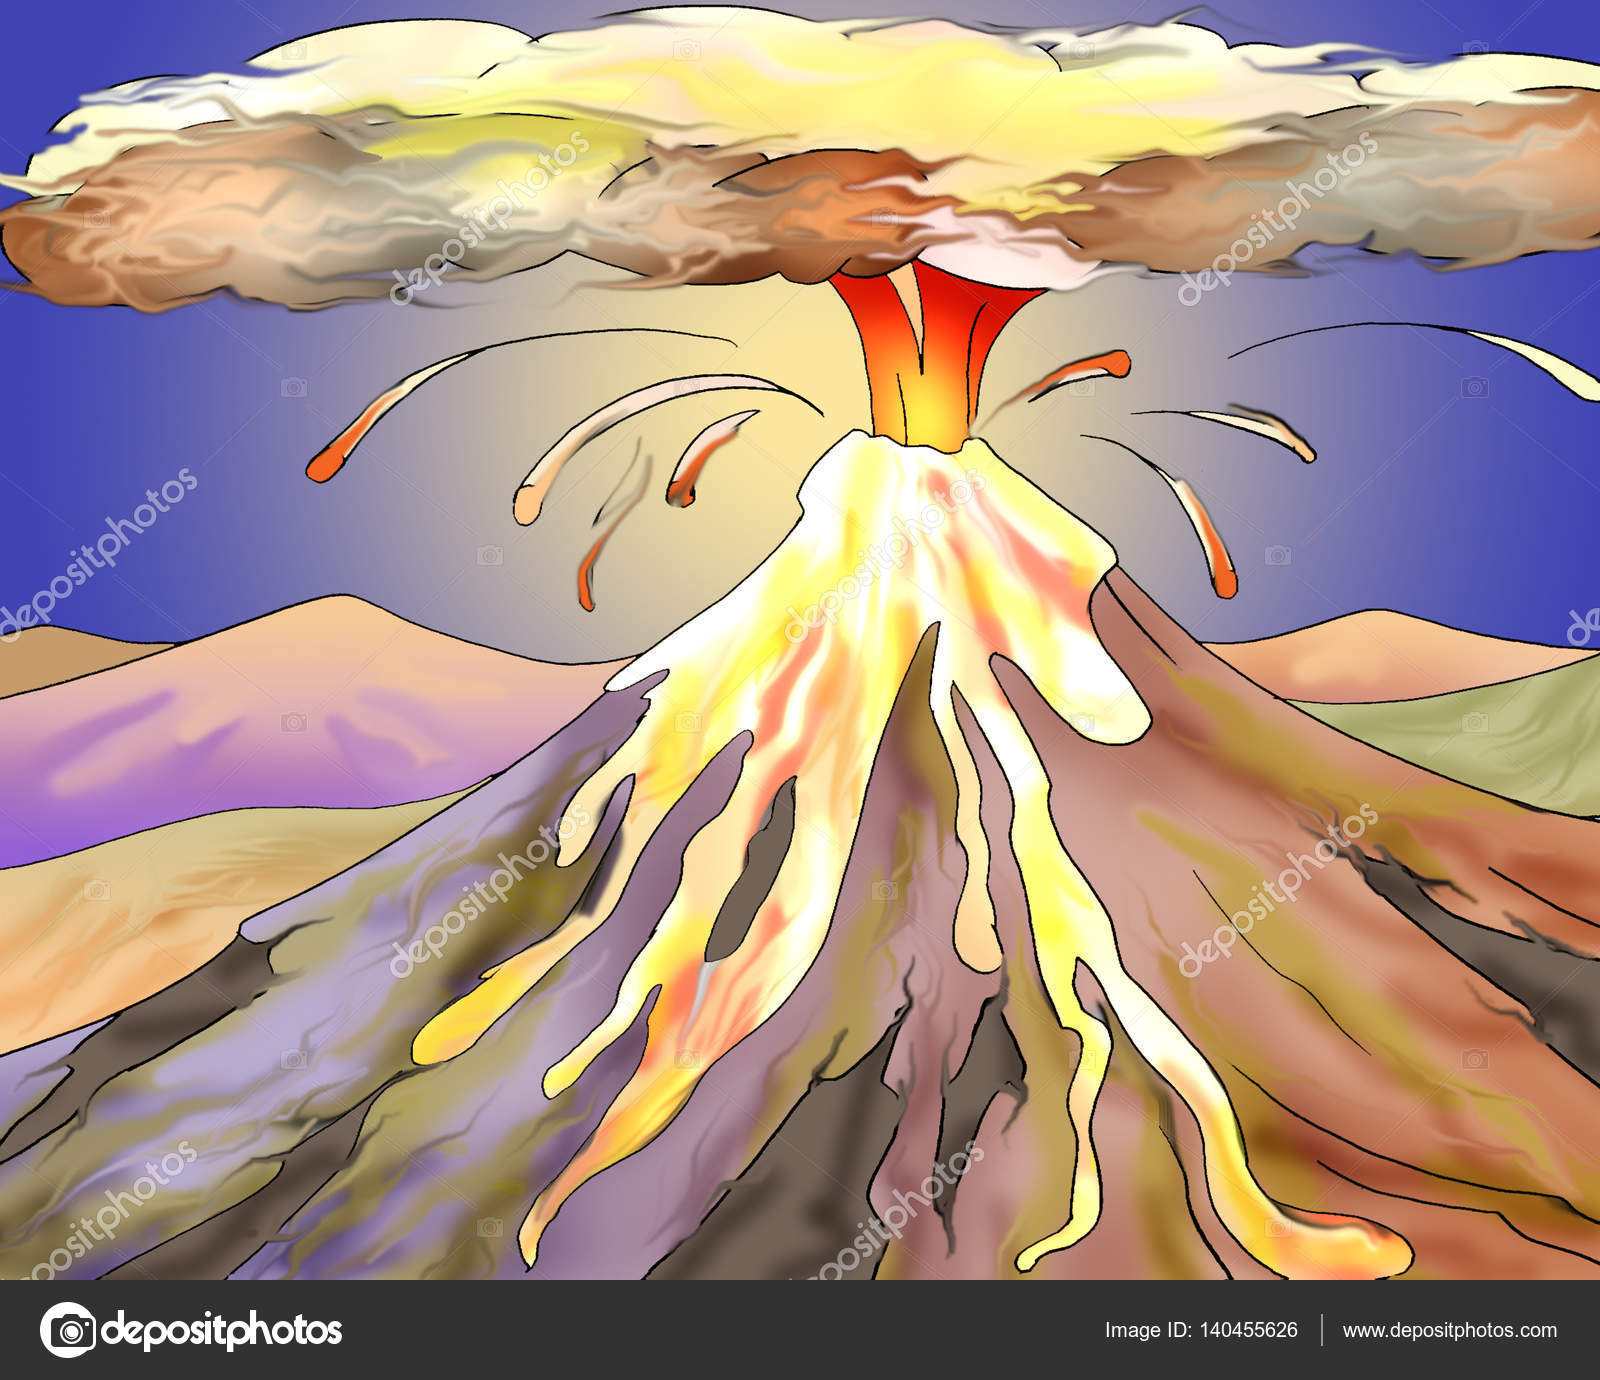 イラスト ホット溶岩と火山の噴火 ストック写真 Zarevv 140455626